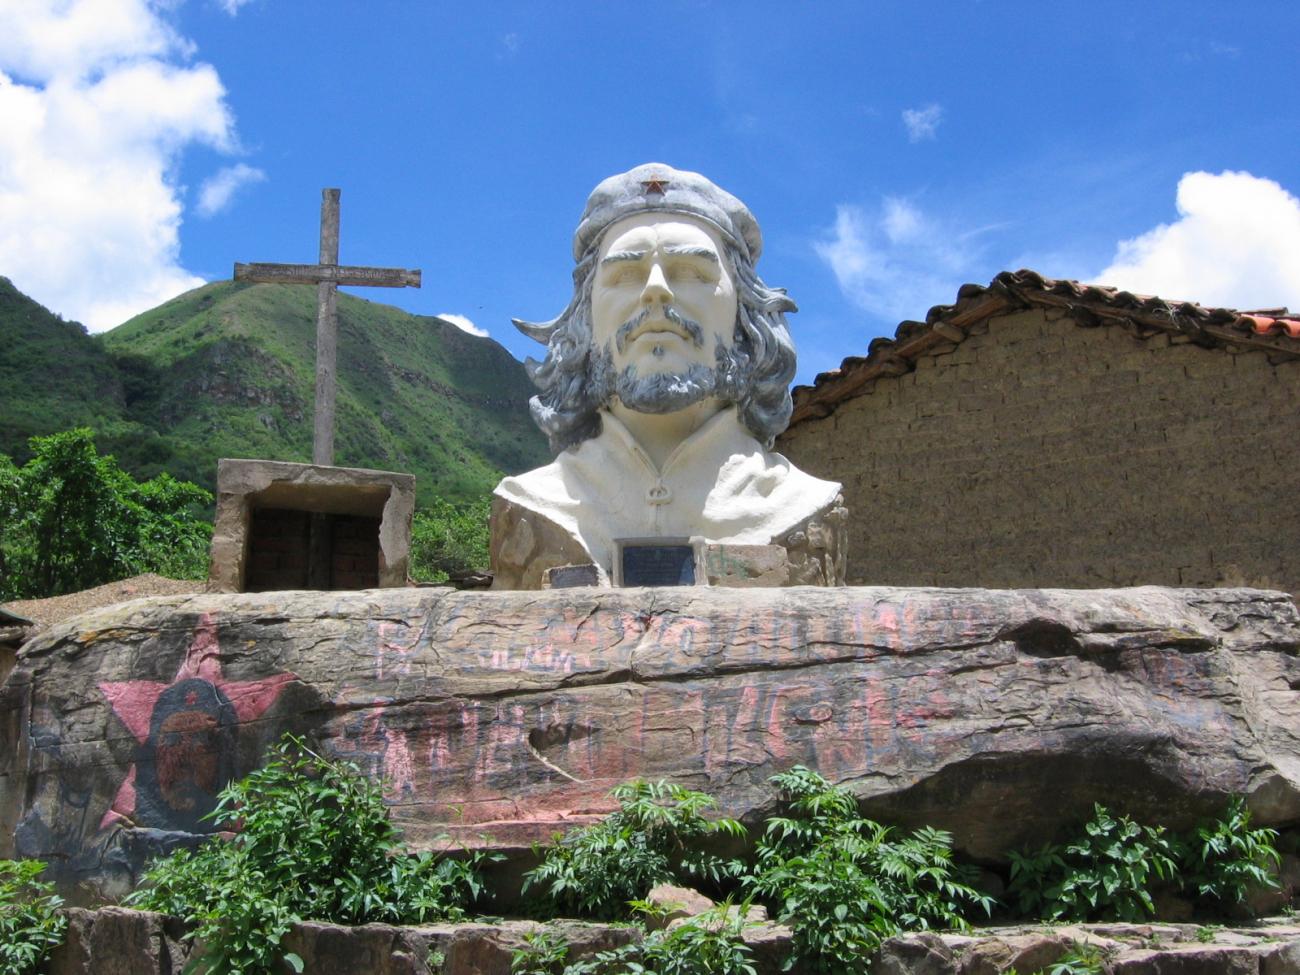 Teroristův památník v bolivijské vesnici La Higuera, kde byl za své zločiny popraven